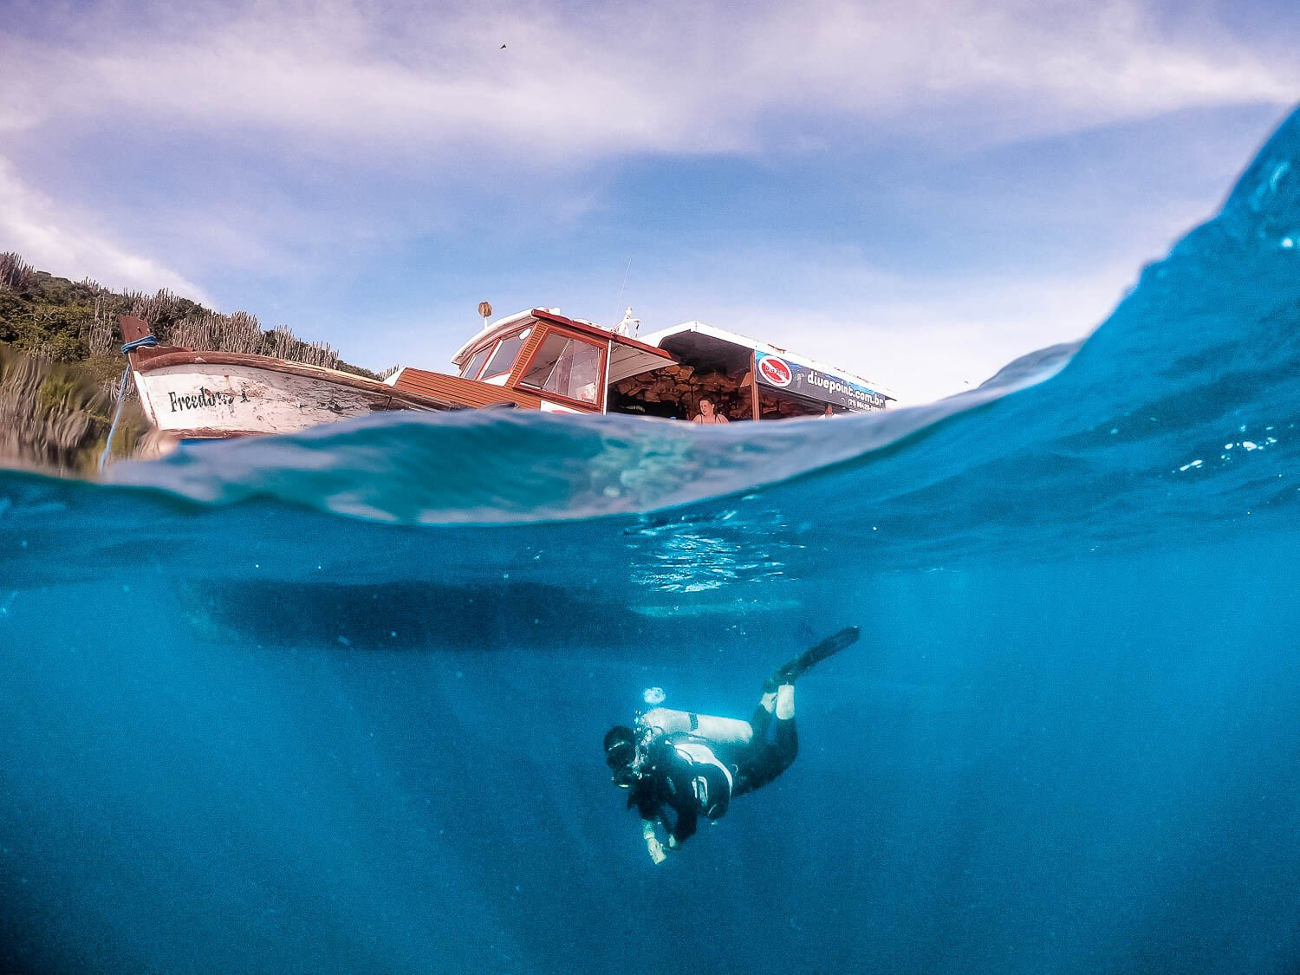 Mergulho em Arraial do Cabo - Mergulhado iniciando a descida